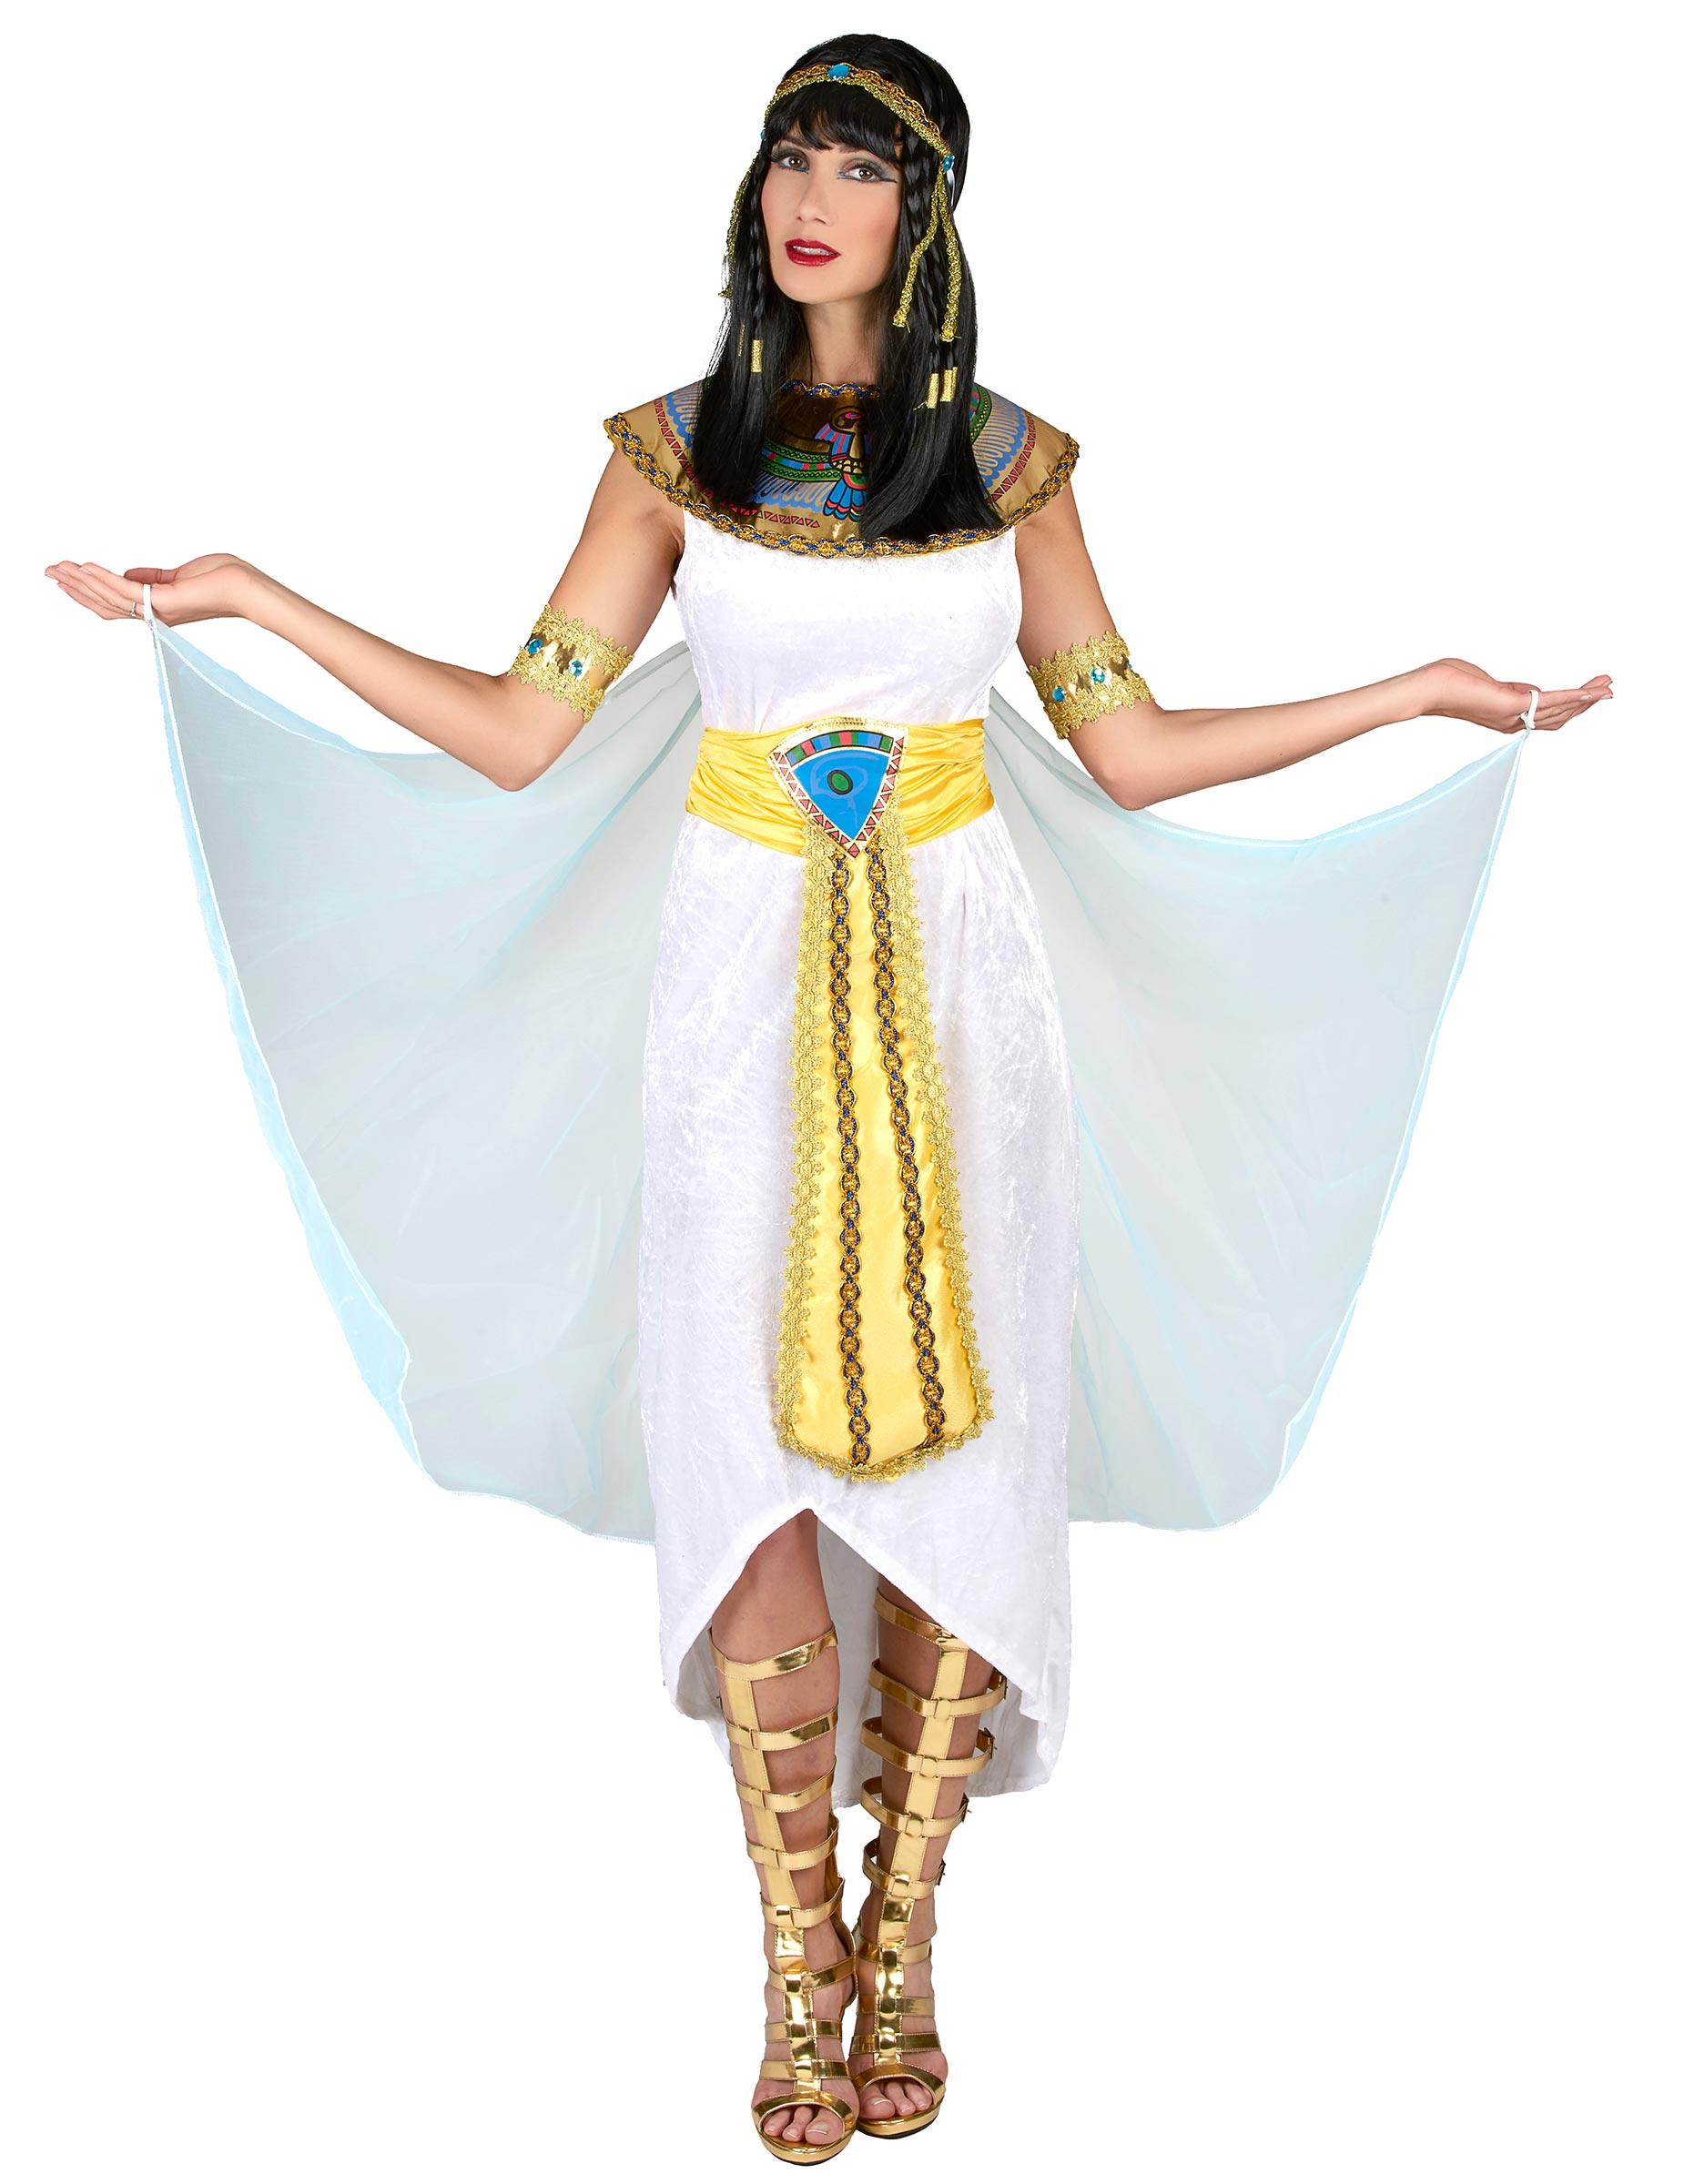 Agypterin Kostum Agyptische Konigin Weiss Gold Blau Gunstige